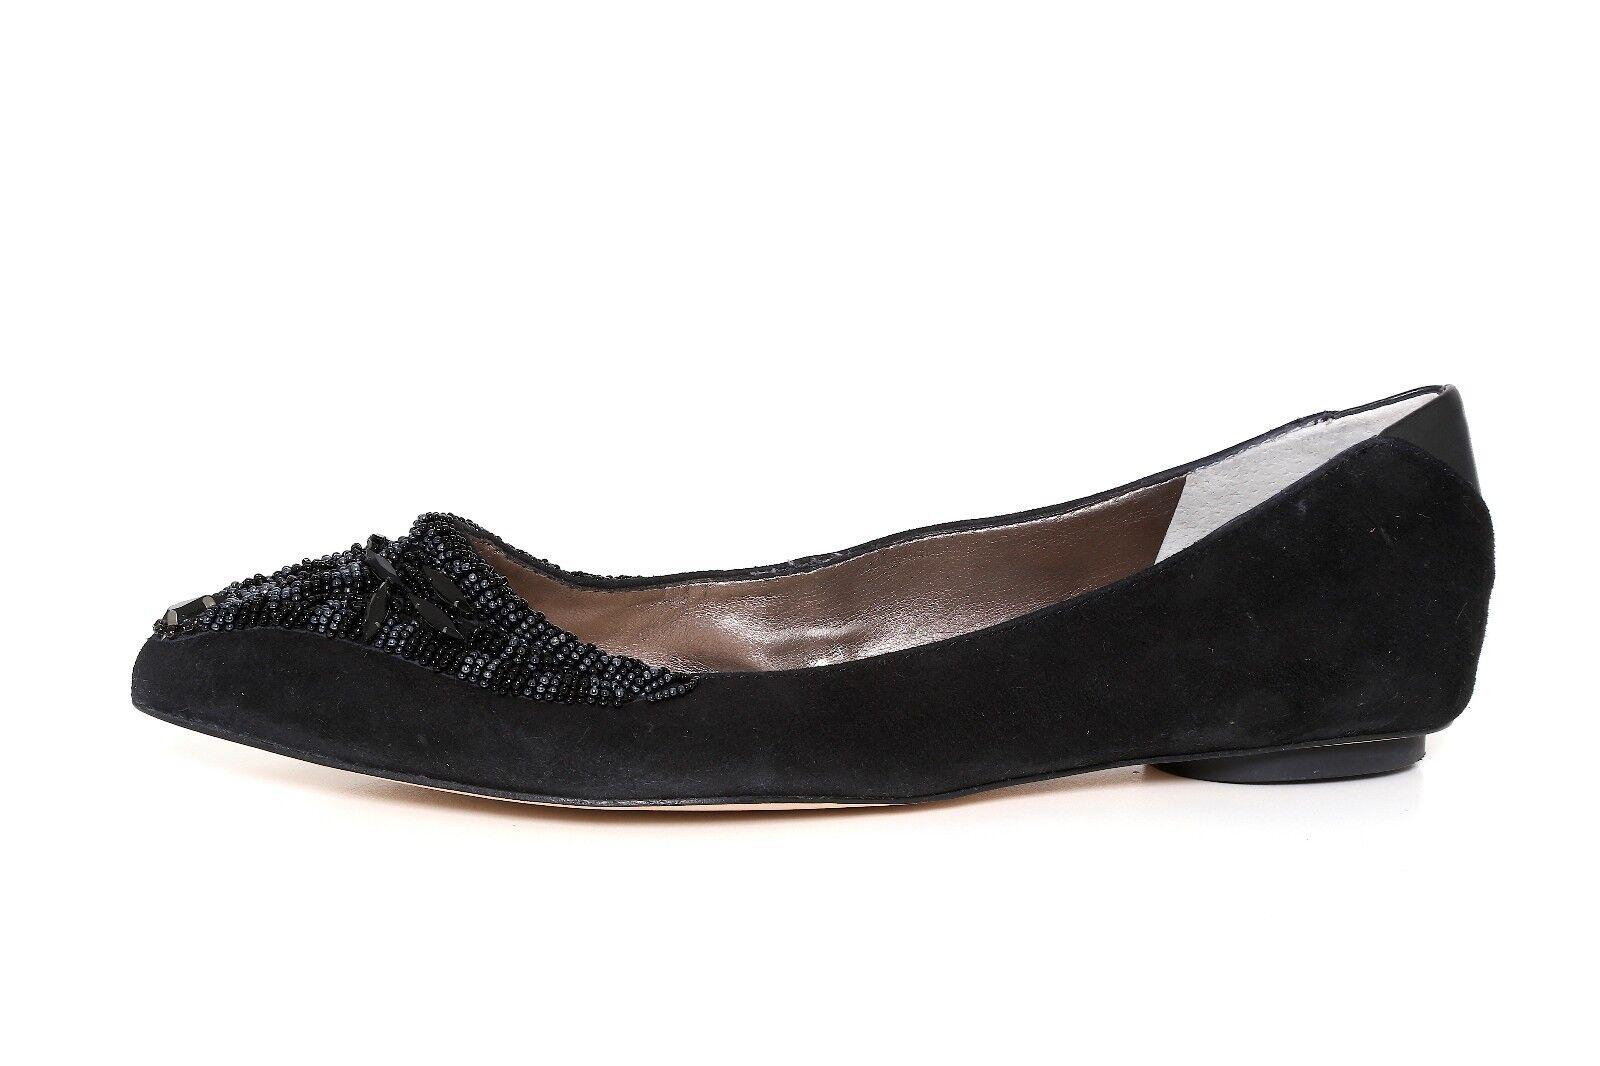 Sam Edelman para mujer mujer mujer negro con cuentas Cindi Ballet Zapatos sin Taco Sin 3106 tamaño 8M  envio rapido a ti